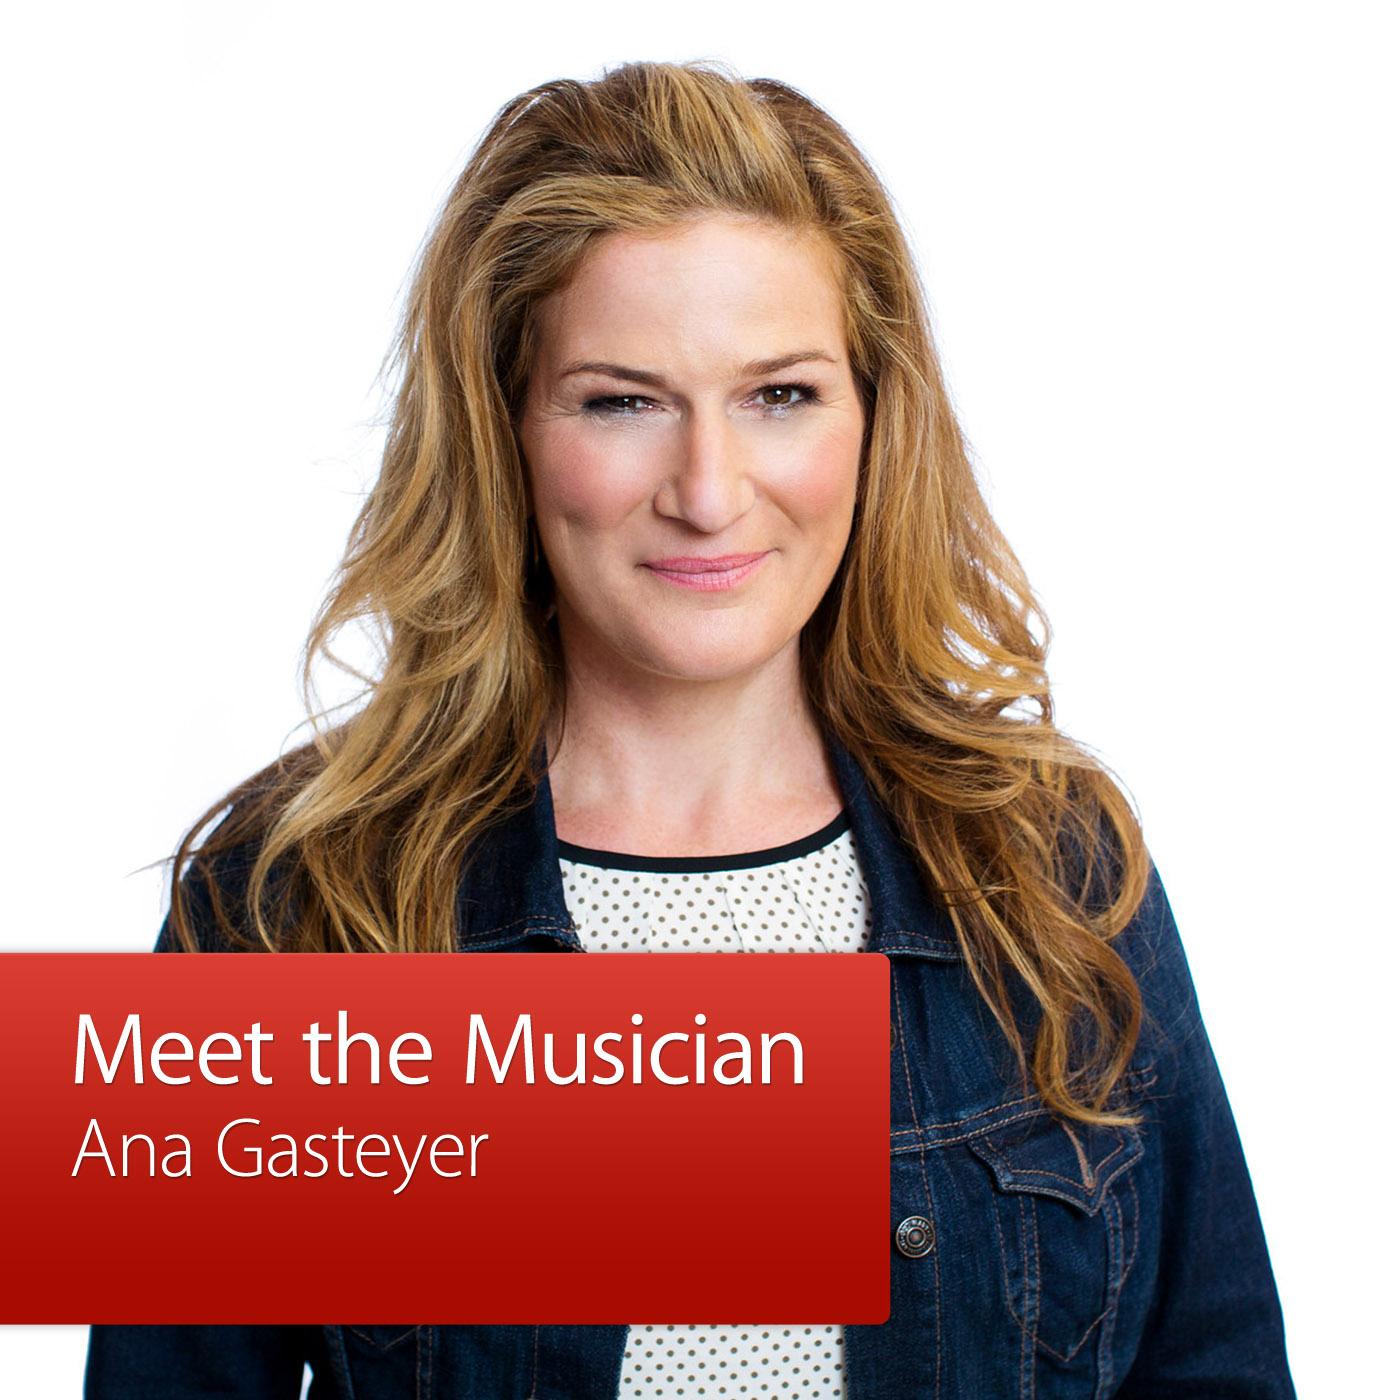 Ana Gasteyer: Meet the Musician